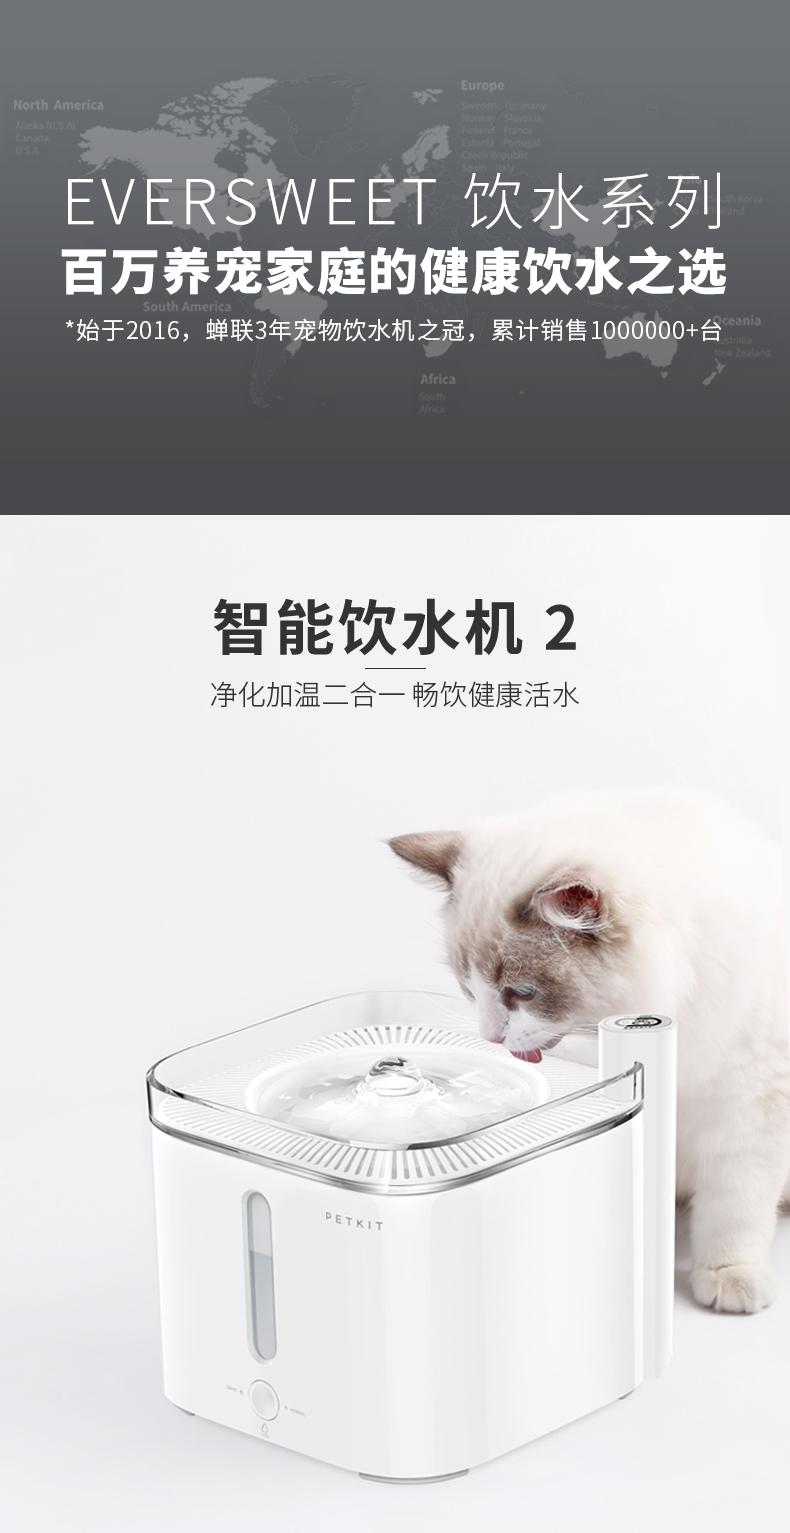 小佩Petkit  宠物智能饮水机二代 净化加温二合一